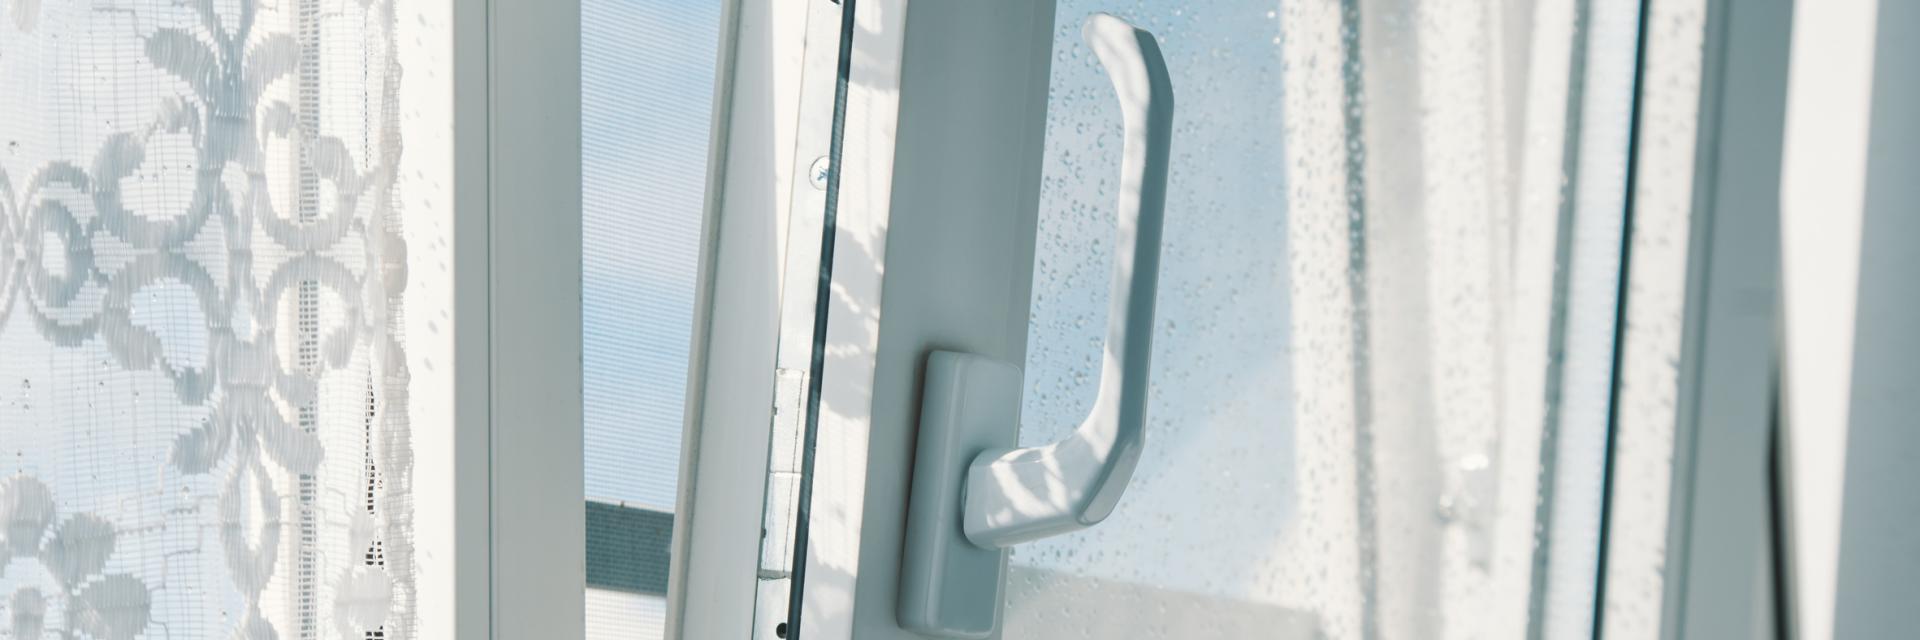 Full Size of Fenster Rostock Bauelemente Sven Fliegengitter Für Roro Alu Erneuern Velux Einbruchschutz Nachrüsten Einbruchsicher Jemako Drutex Rc3 Insektenschutz Ohne Fenster Fenster Rostock